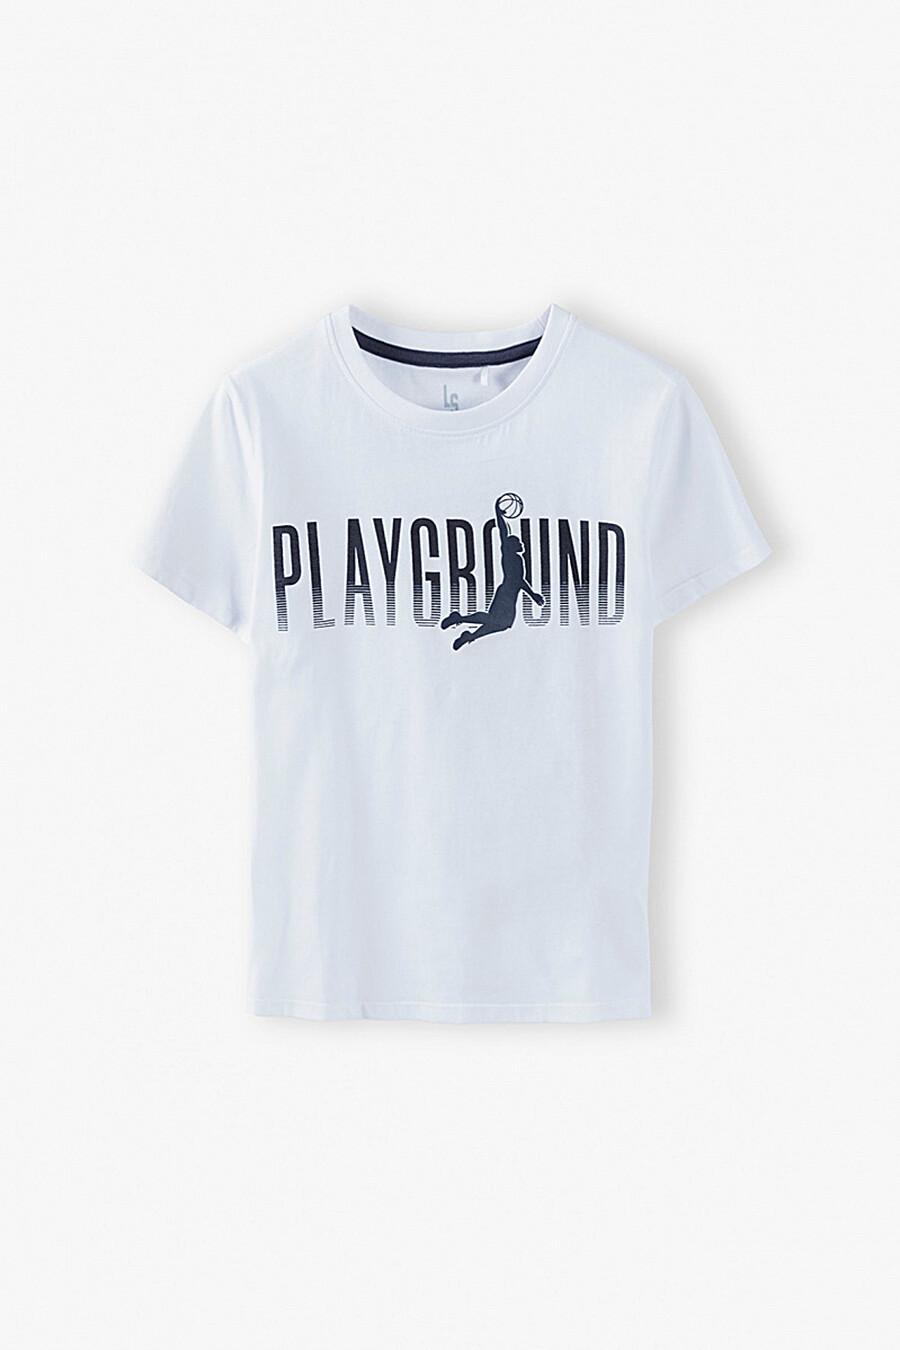 Футболка для мальчиков 5.10.15 668518 купить оптом от производителя. Совместная покупка детской одежды в OptMoyo